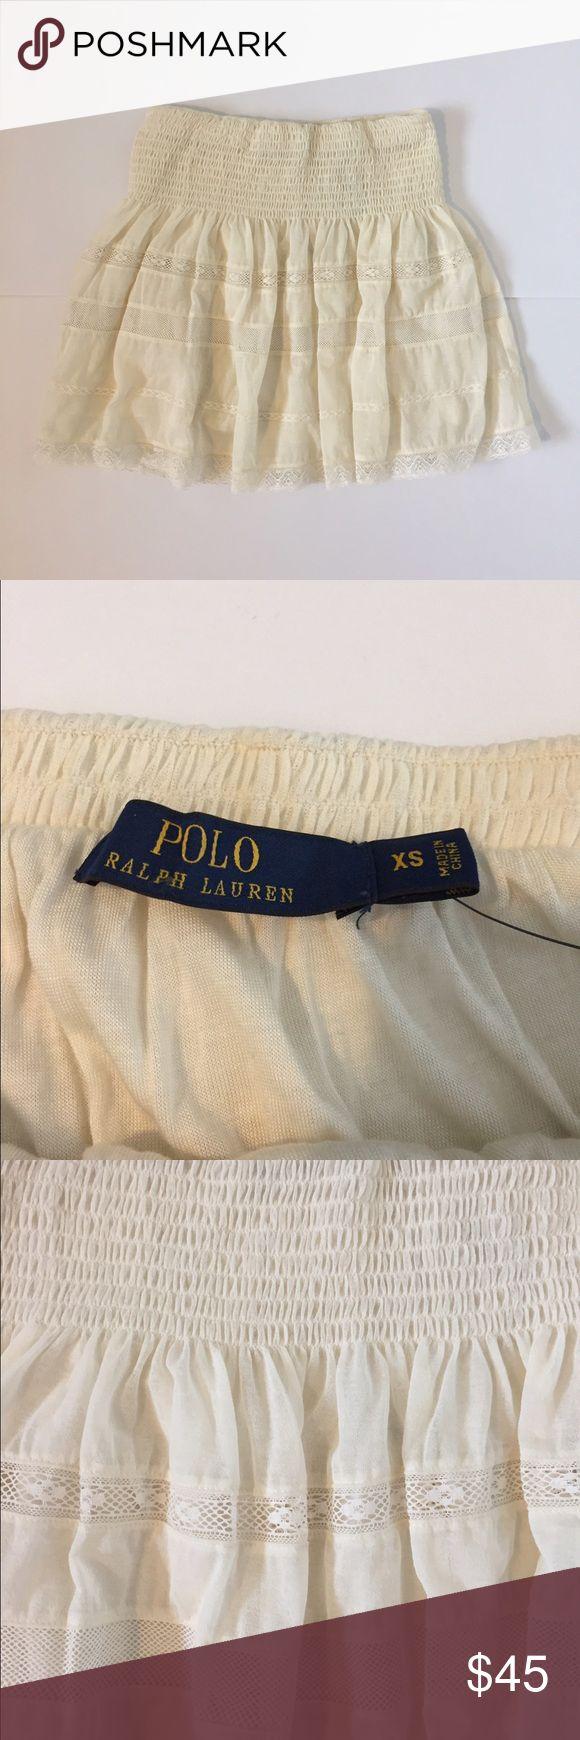 Polo Ralph Lauren Crochet Skirt Brand new with tags. Never worn. Beautiful crochet detail! Polo by Ralph Lauren Skirts